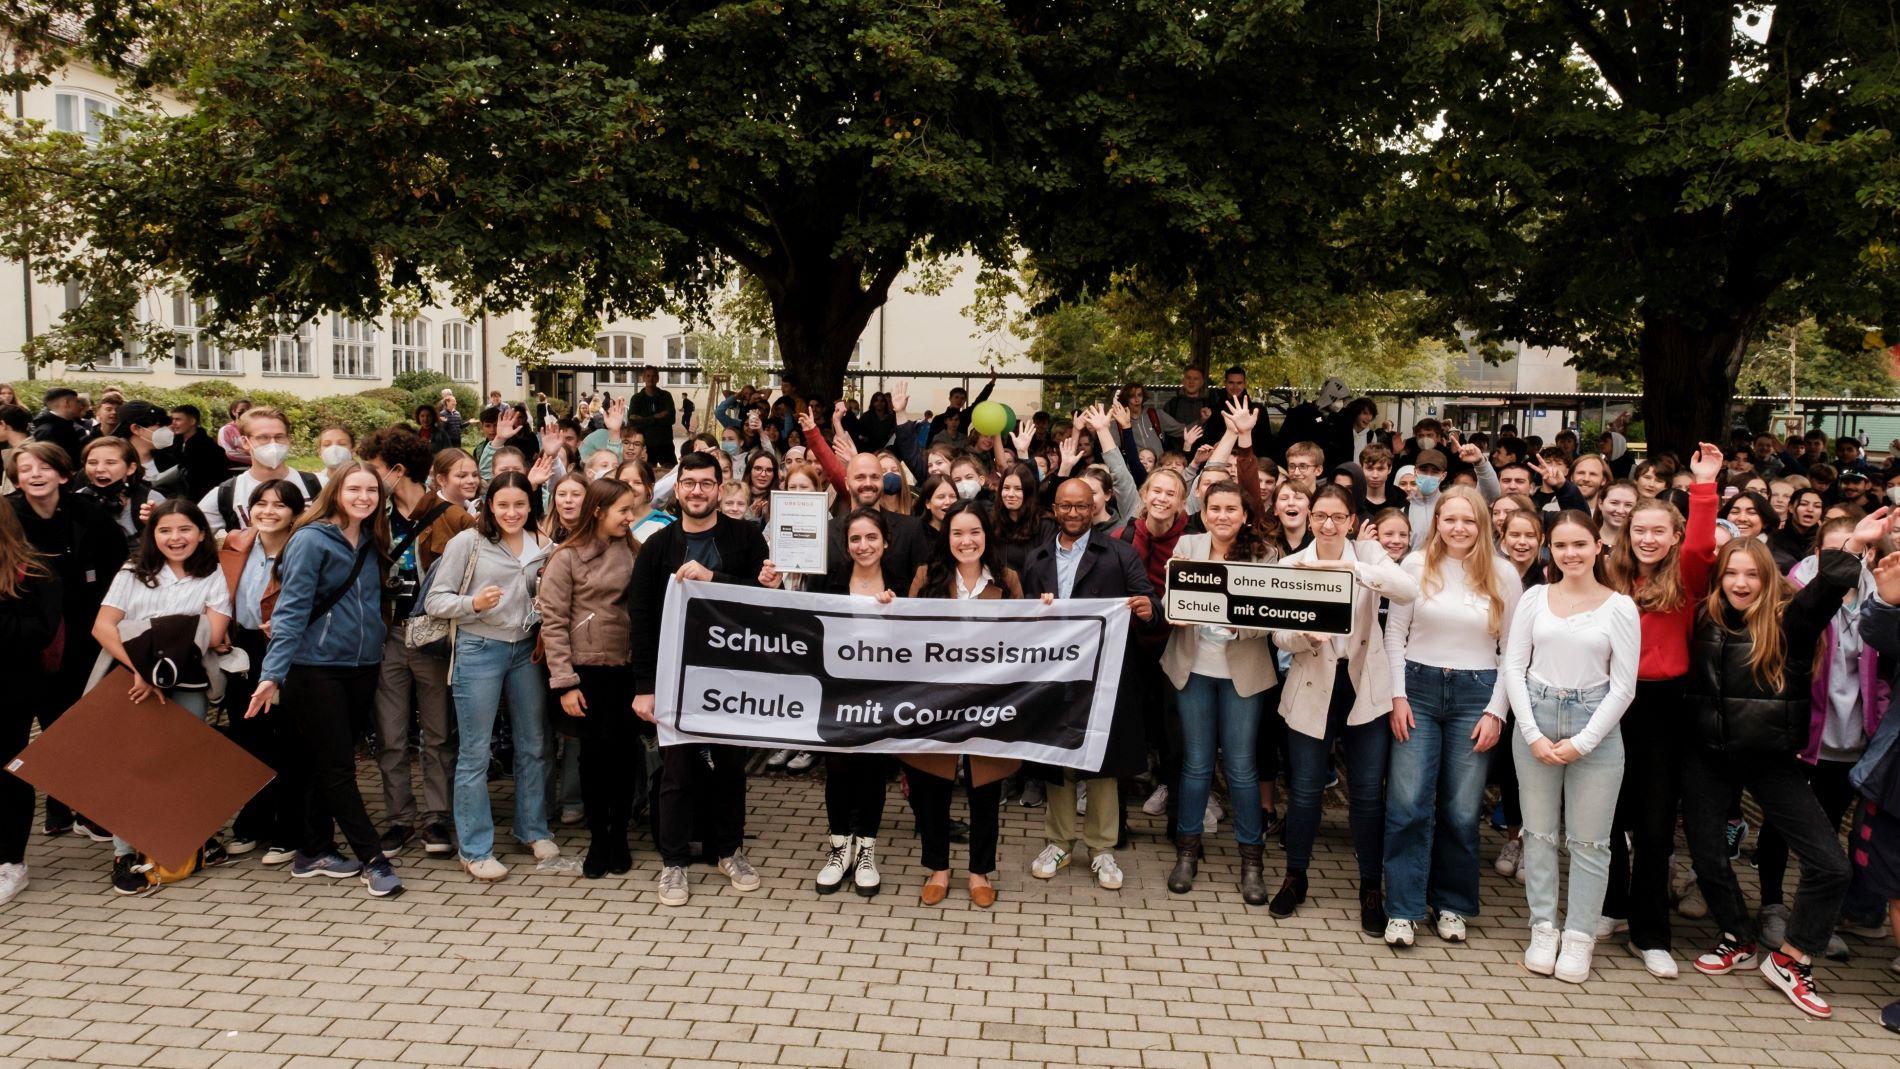 Die Schulgemeinschaft des Dreilinden Gymnasiums bei der Feier der Titelverleihung auf dem Schulhof.